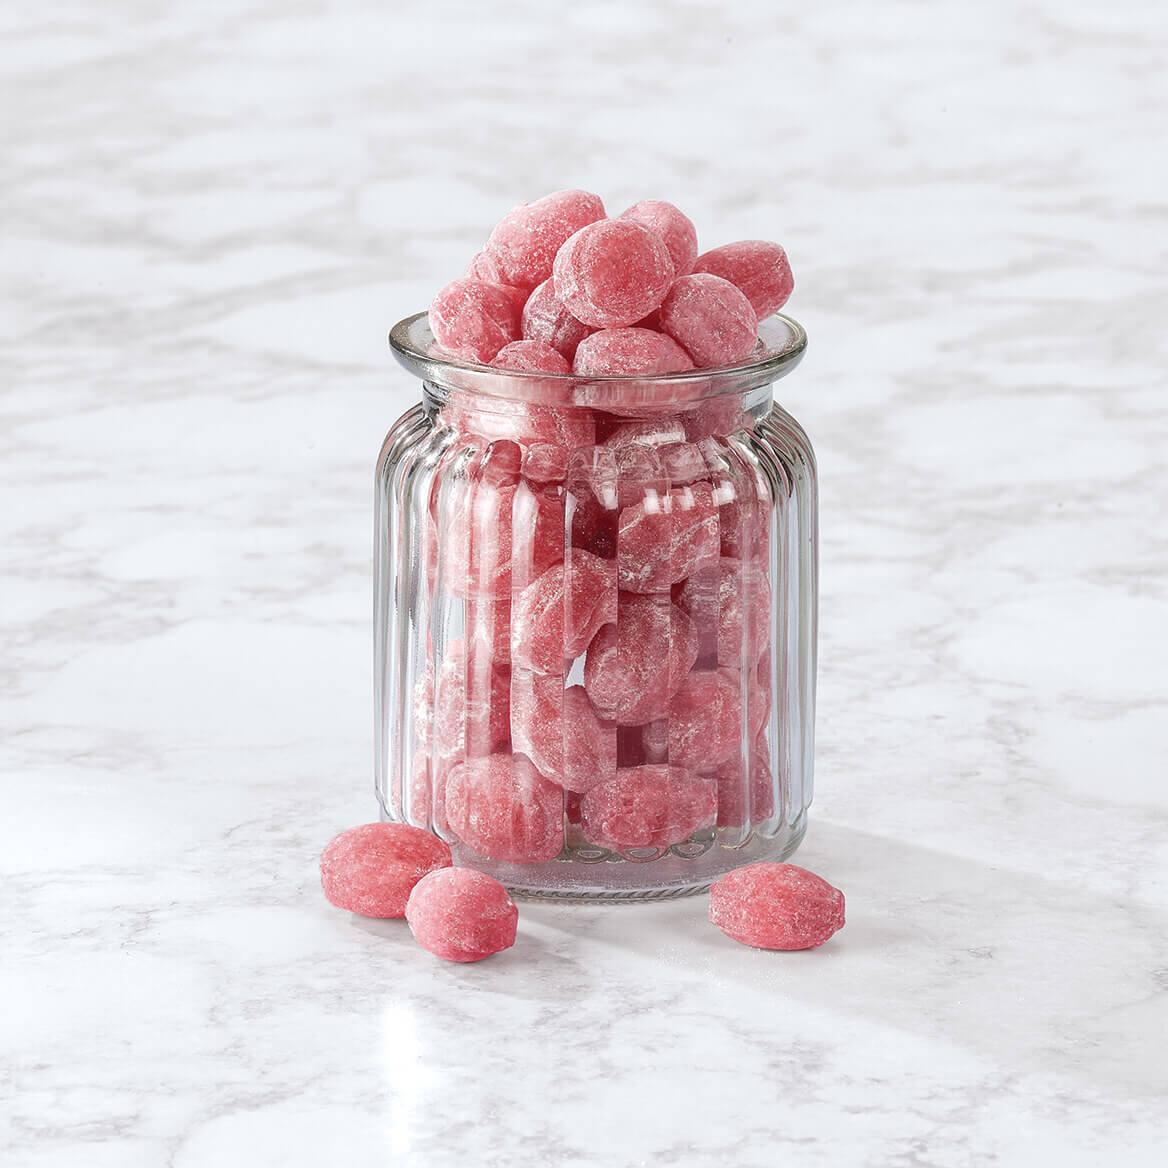 Cinnamon Sanded Candy, 6 oz.-368929